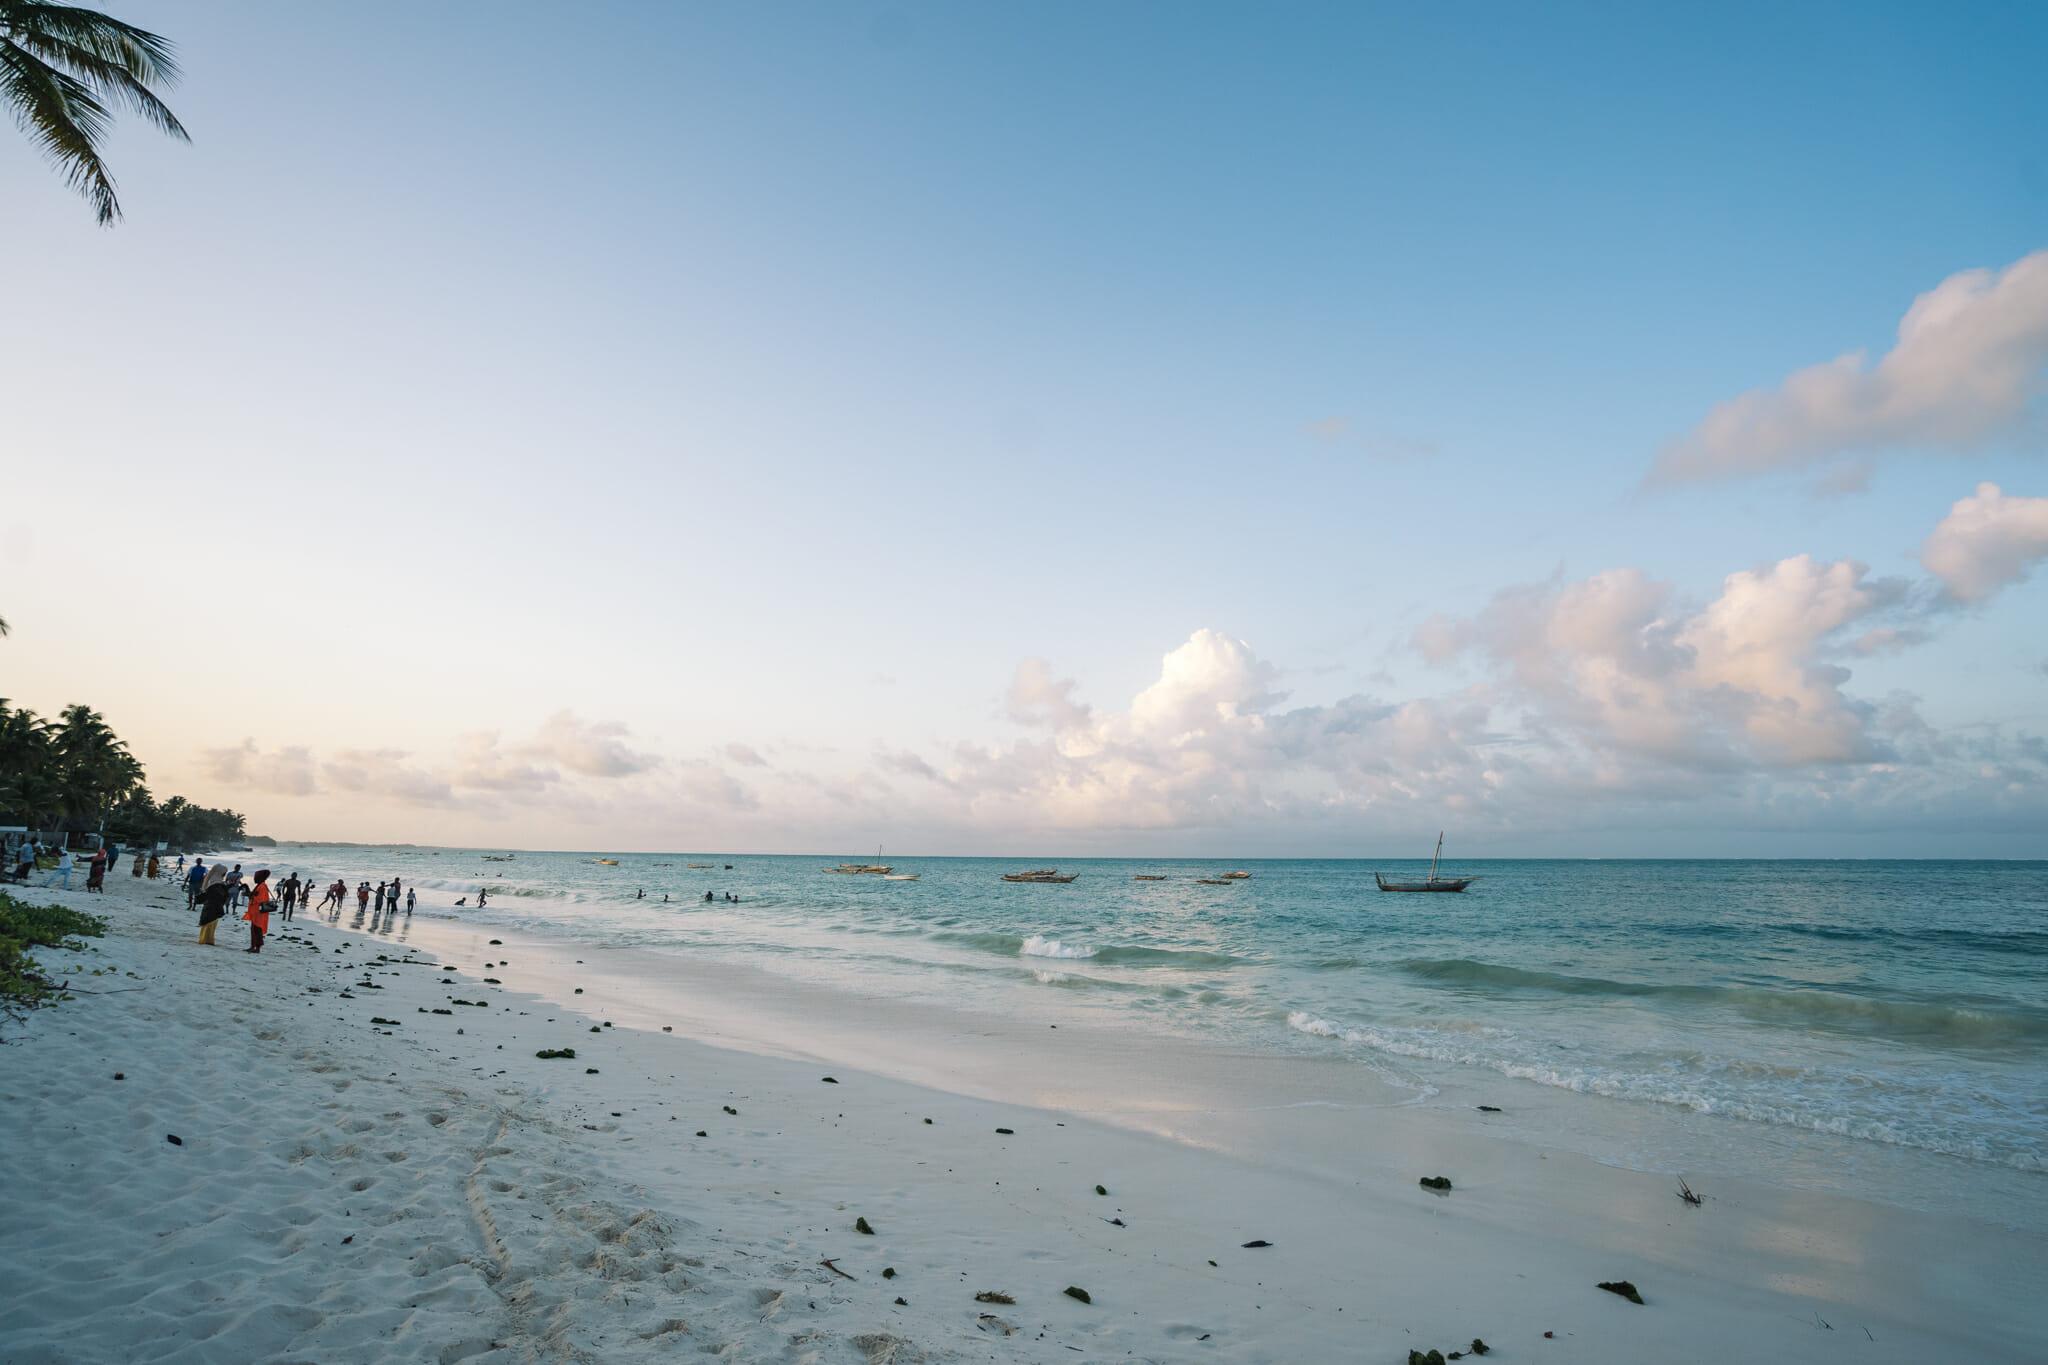 jambiani-plage-zanzibar-voyage